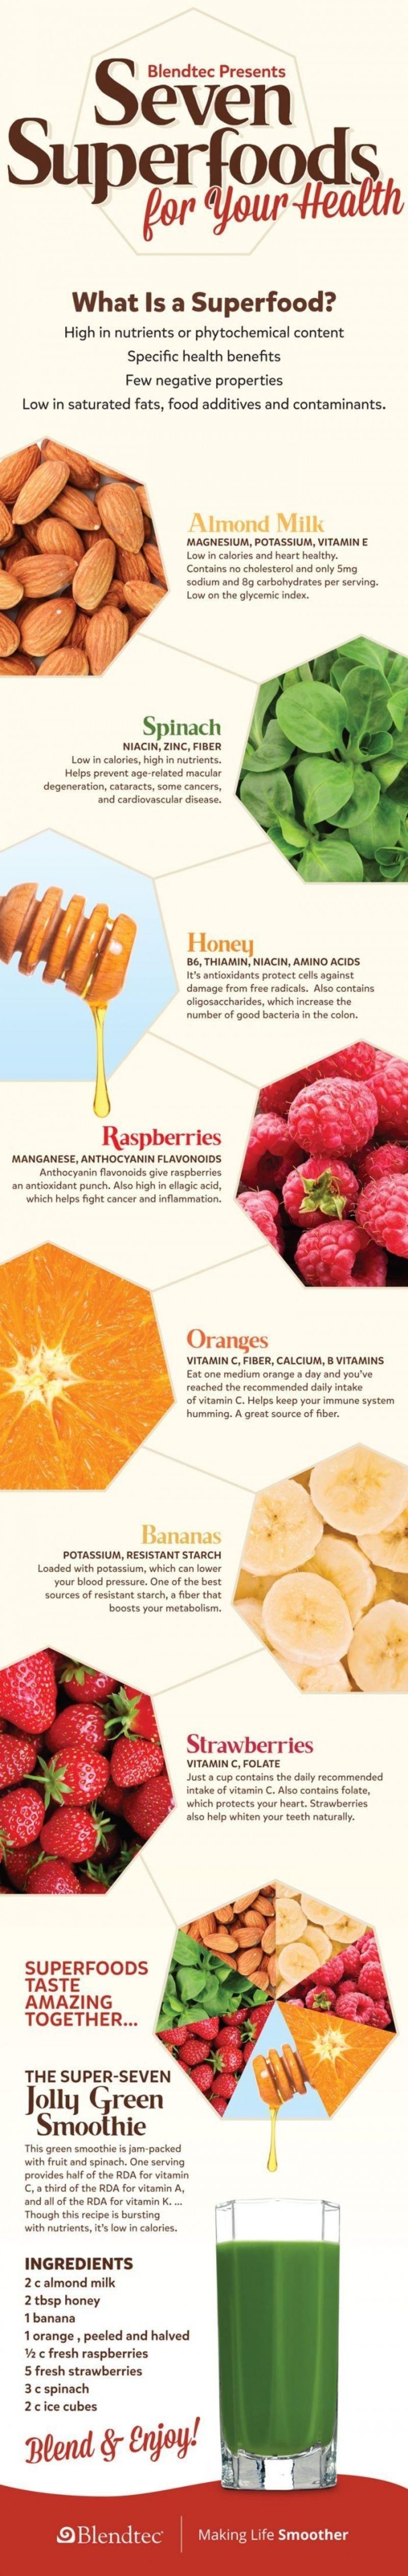 Seven Super Foods